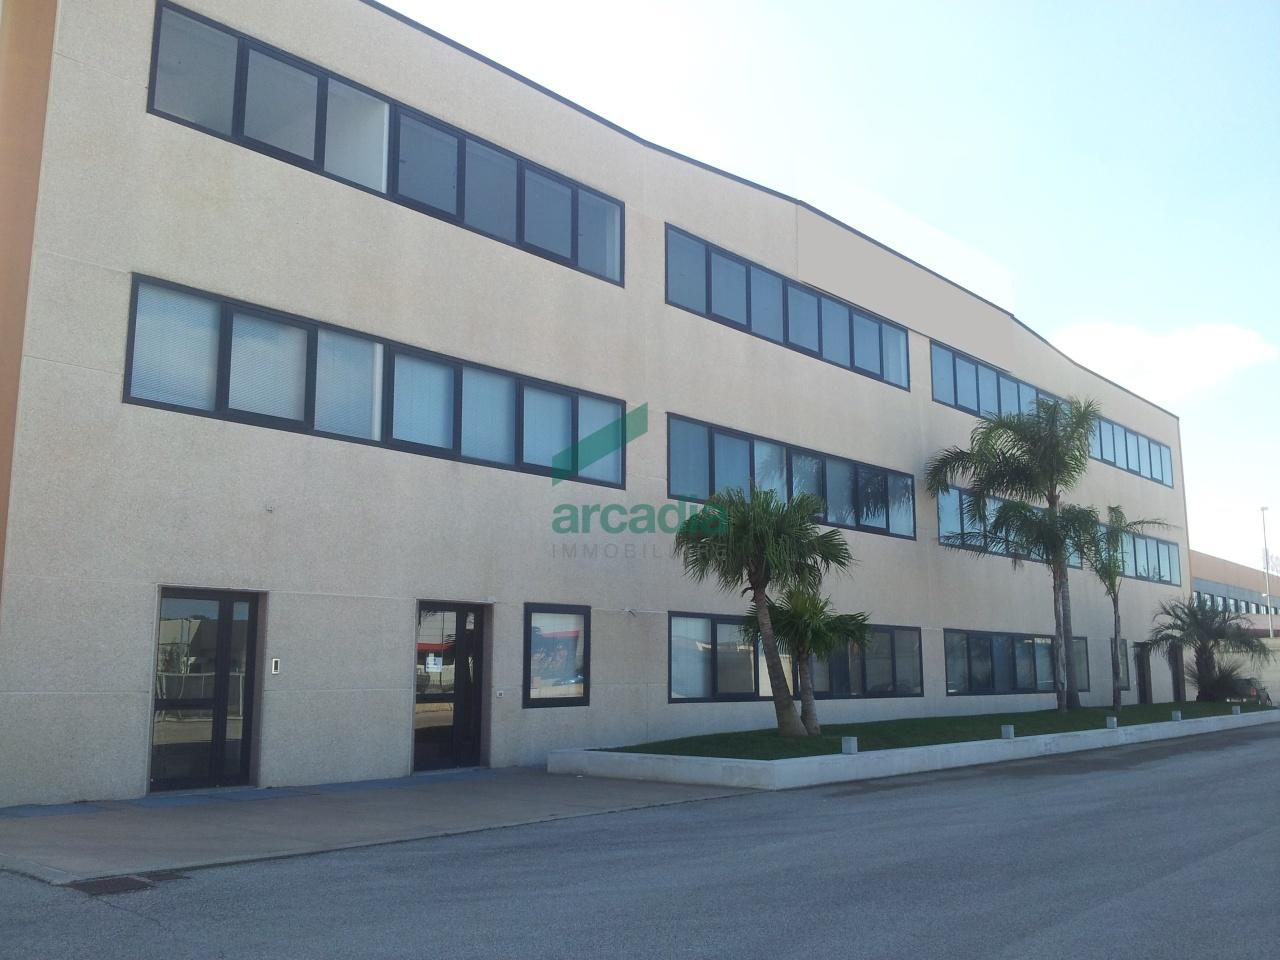 Capannone - Industriale a Zona Industriale, Modugno Rif. 6505717